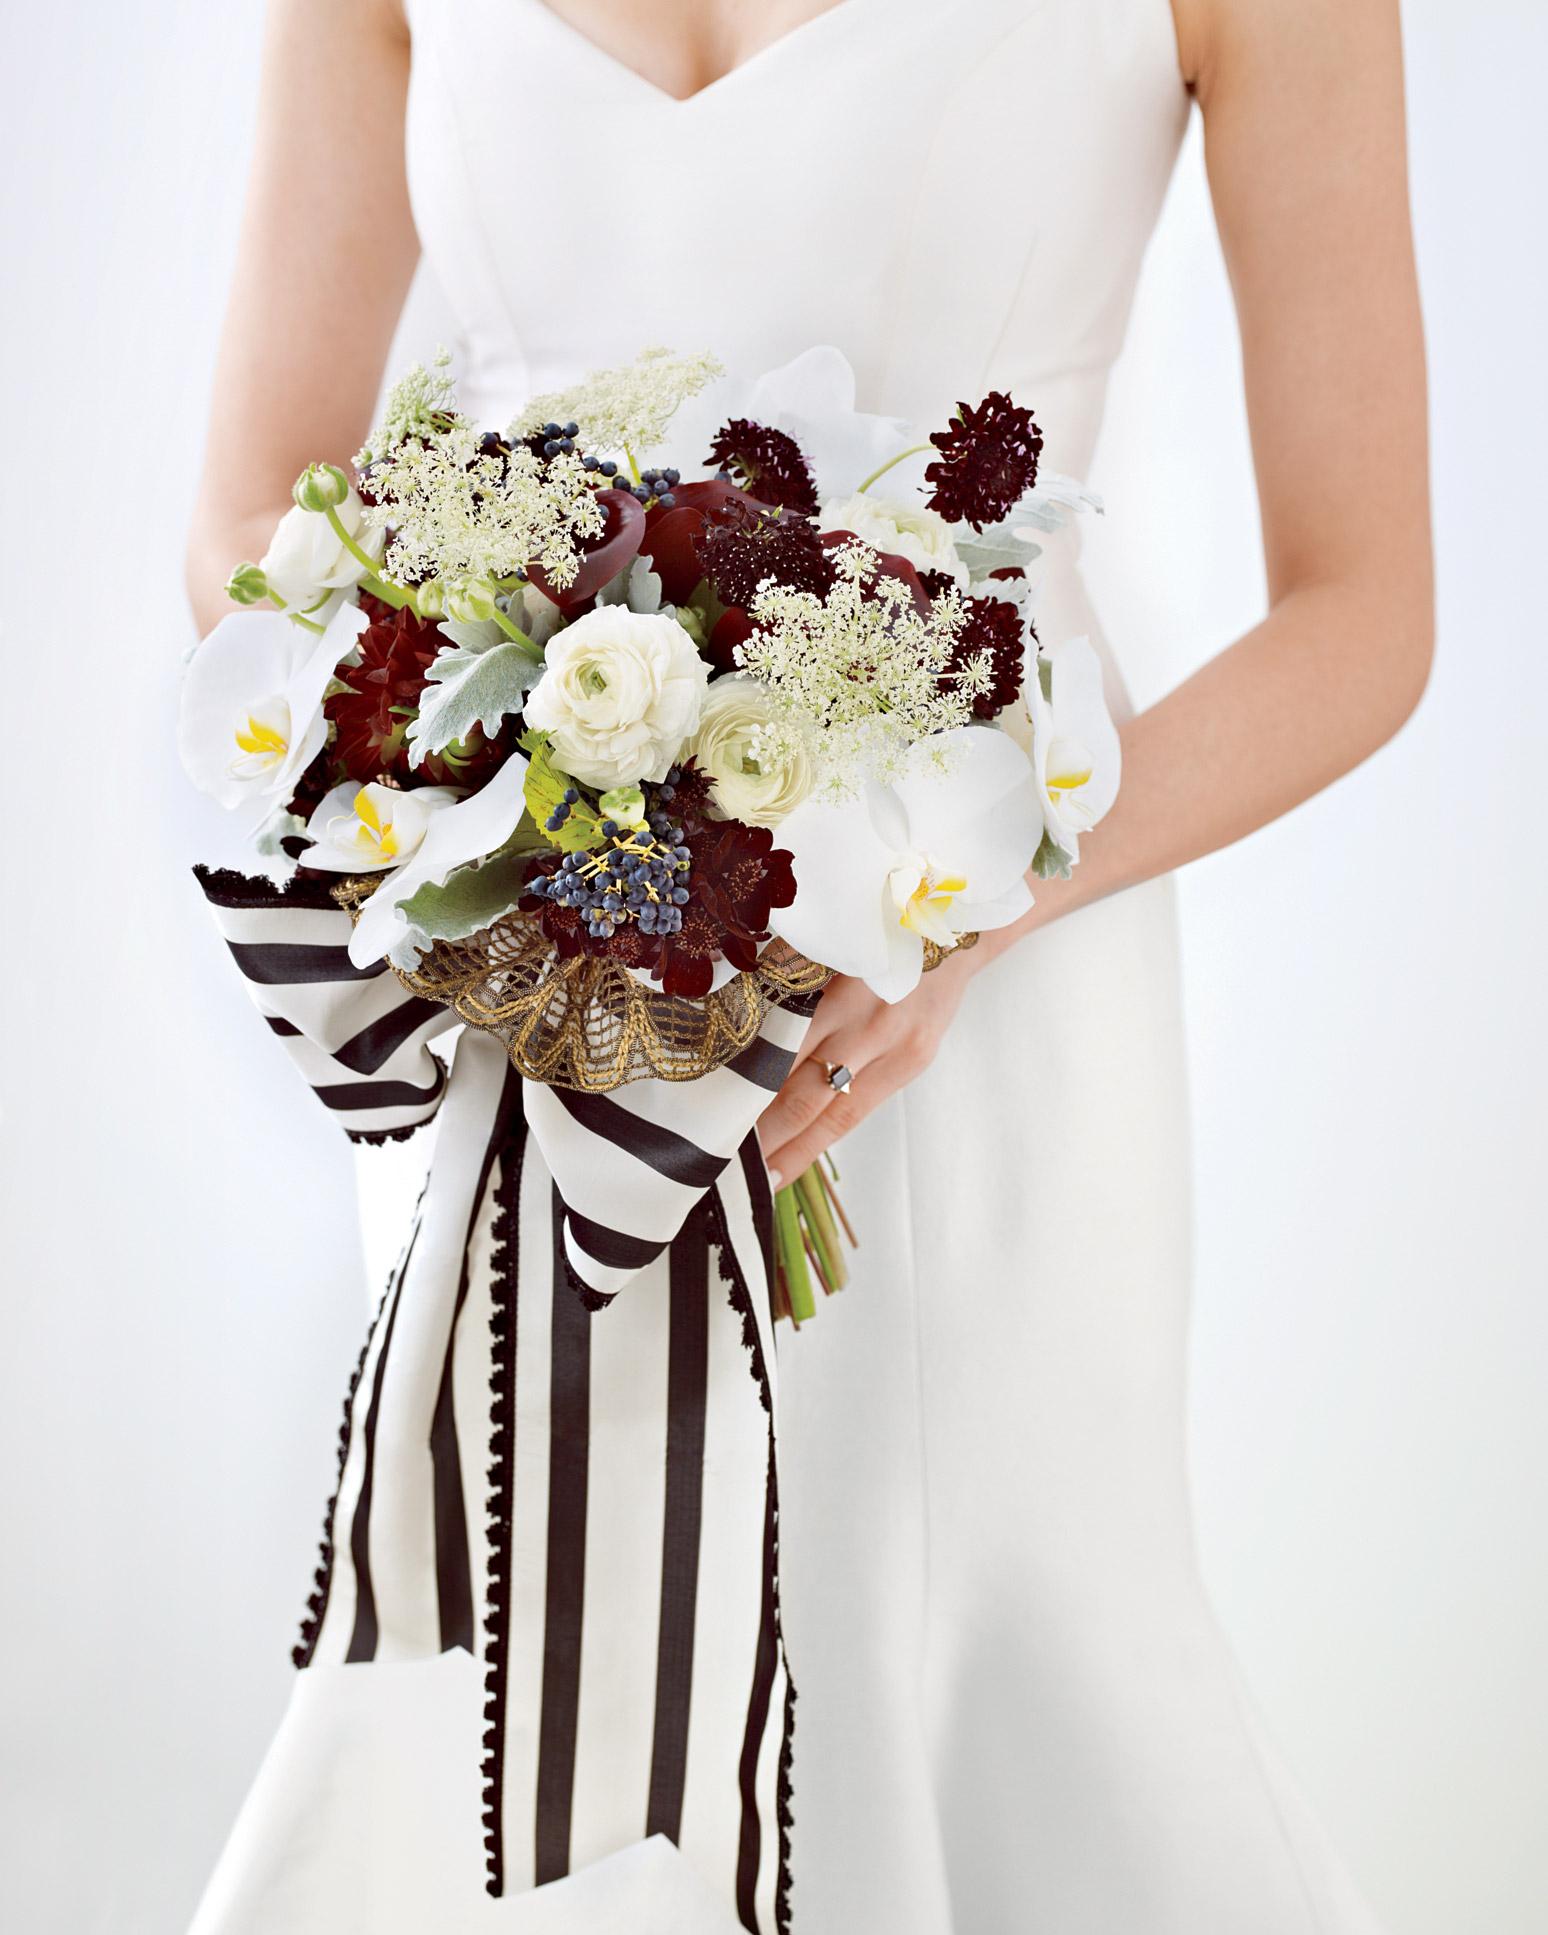 bouquet-palette-mwd107760.jpg